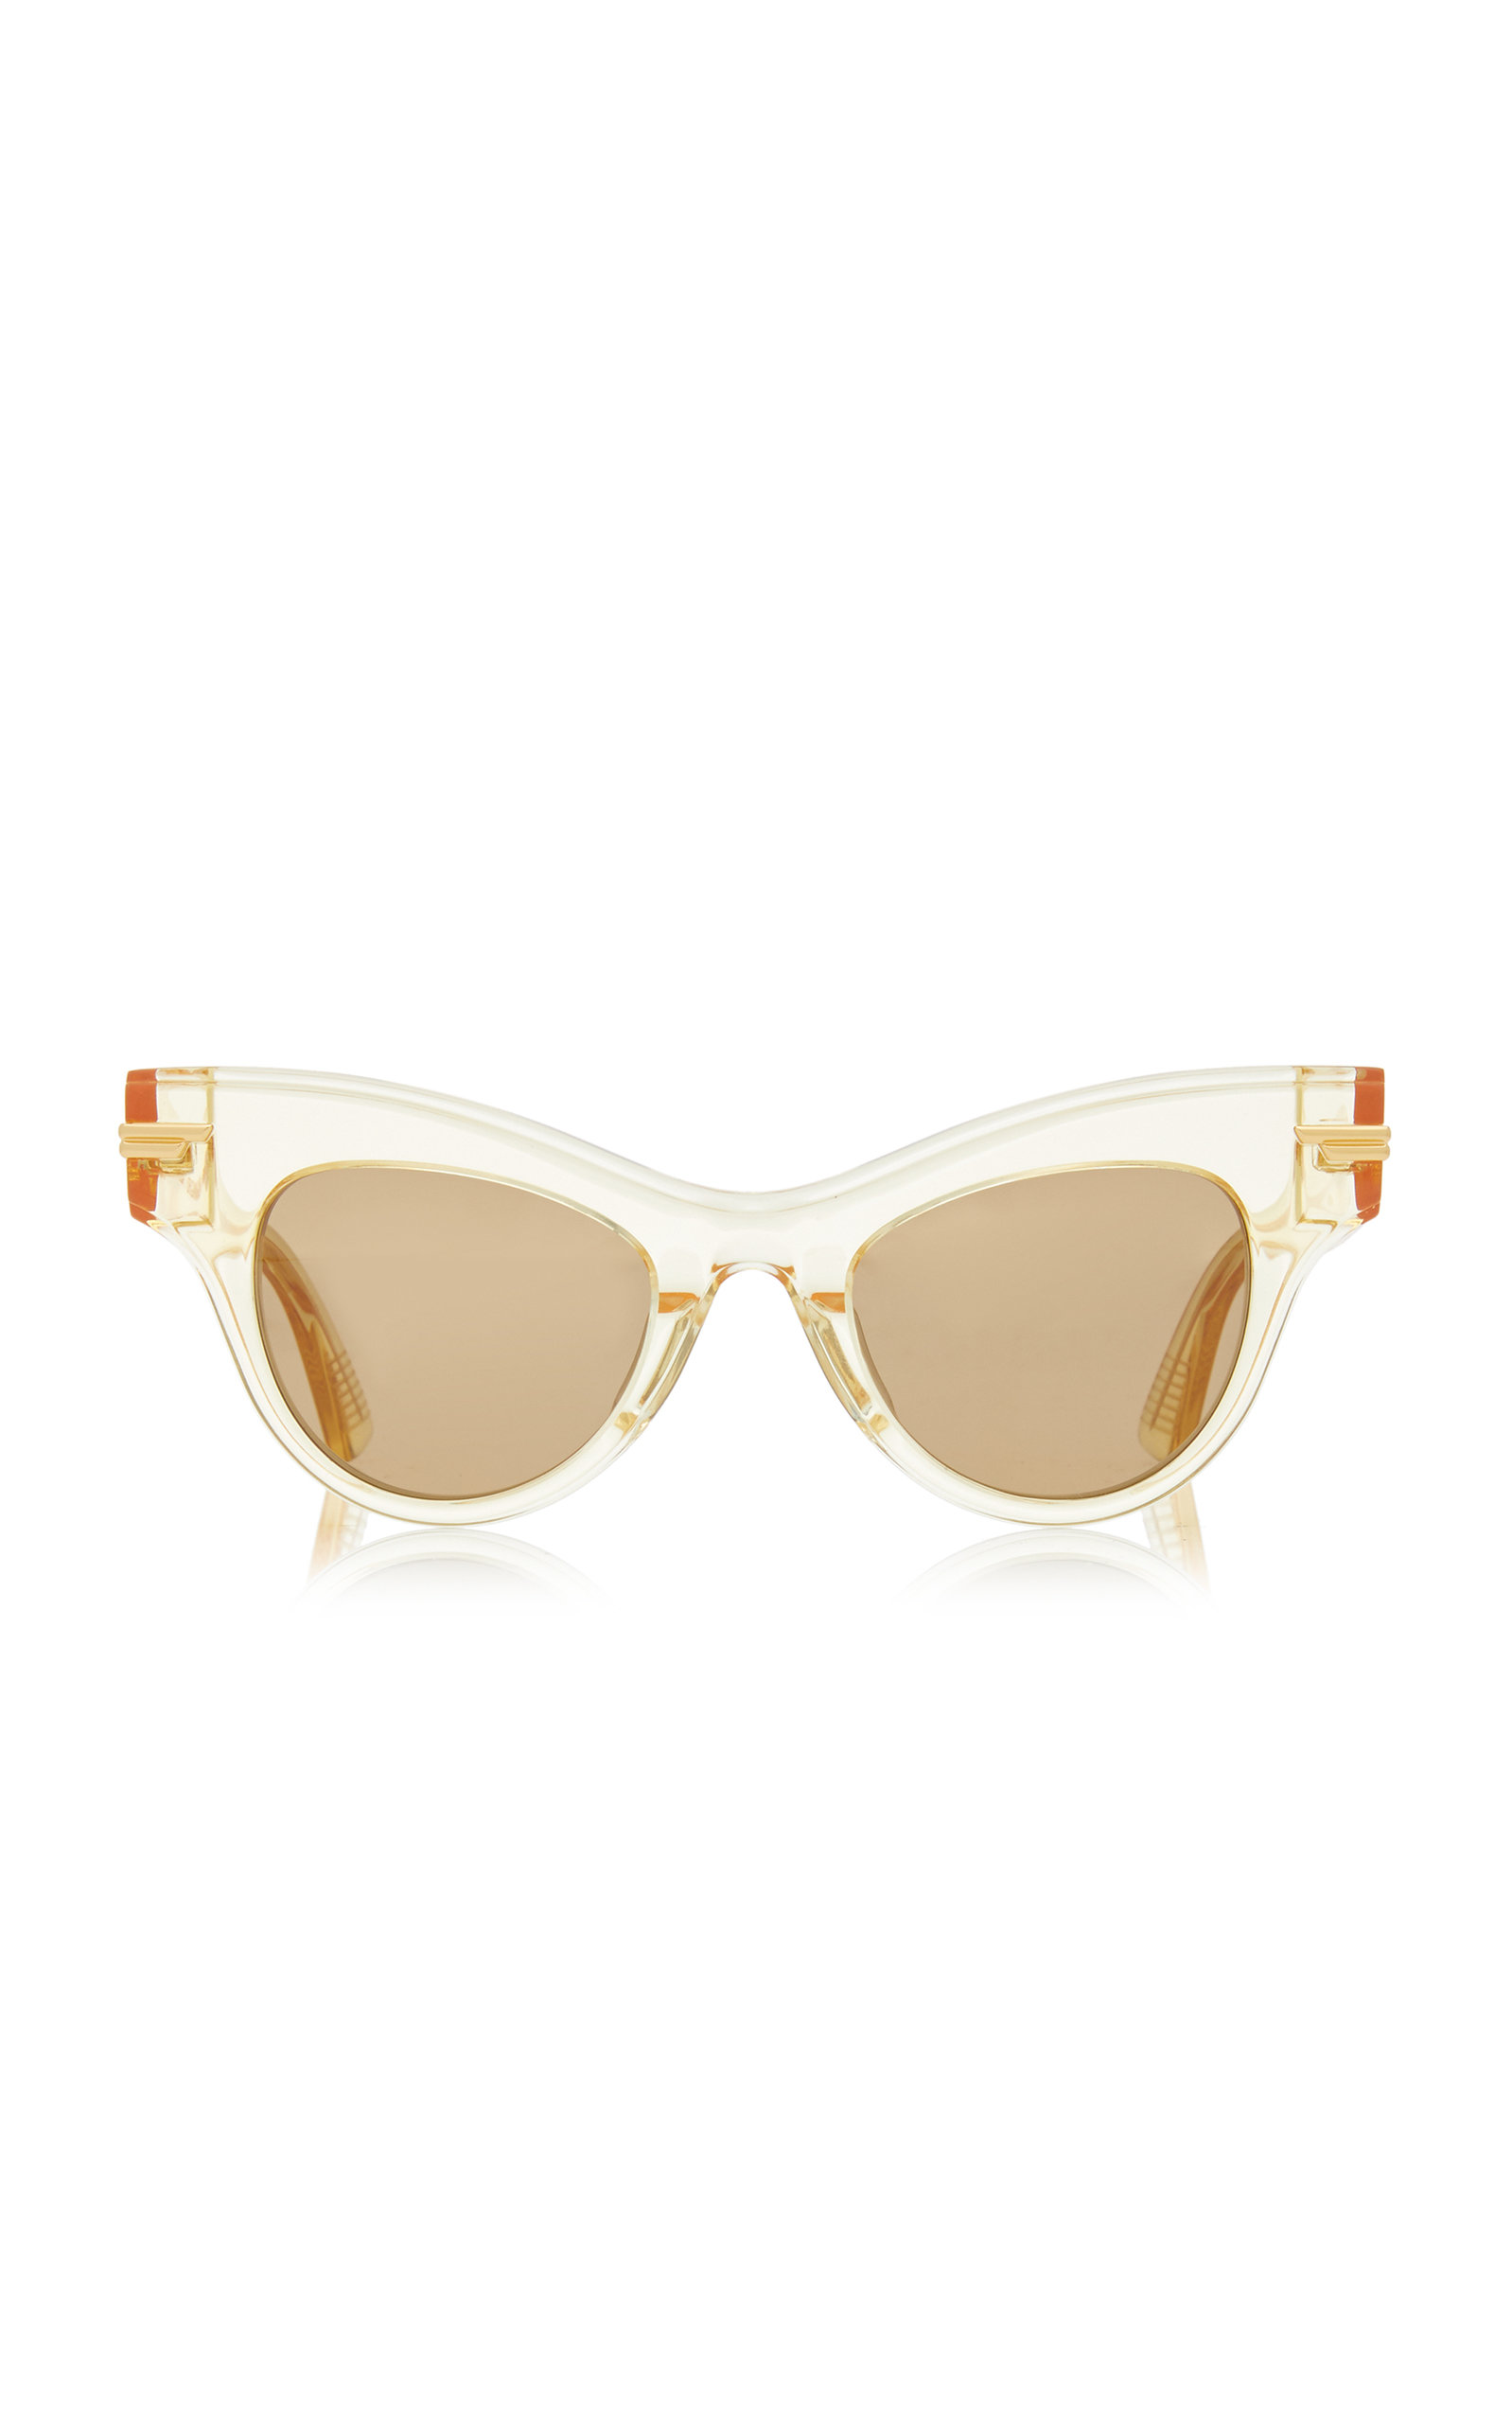 Bottega Veneta - Women's Cat-Eye Clear Acetate Sunglasses - Yellow - Moda Operandi